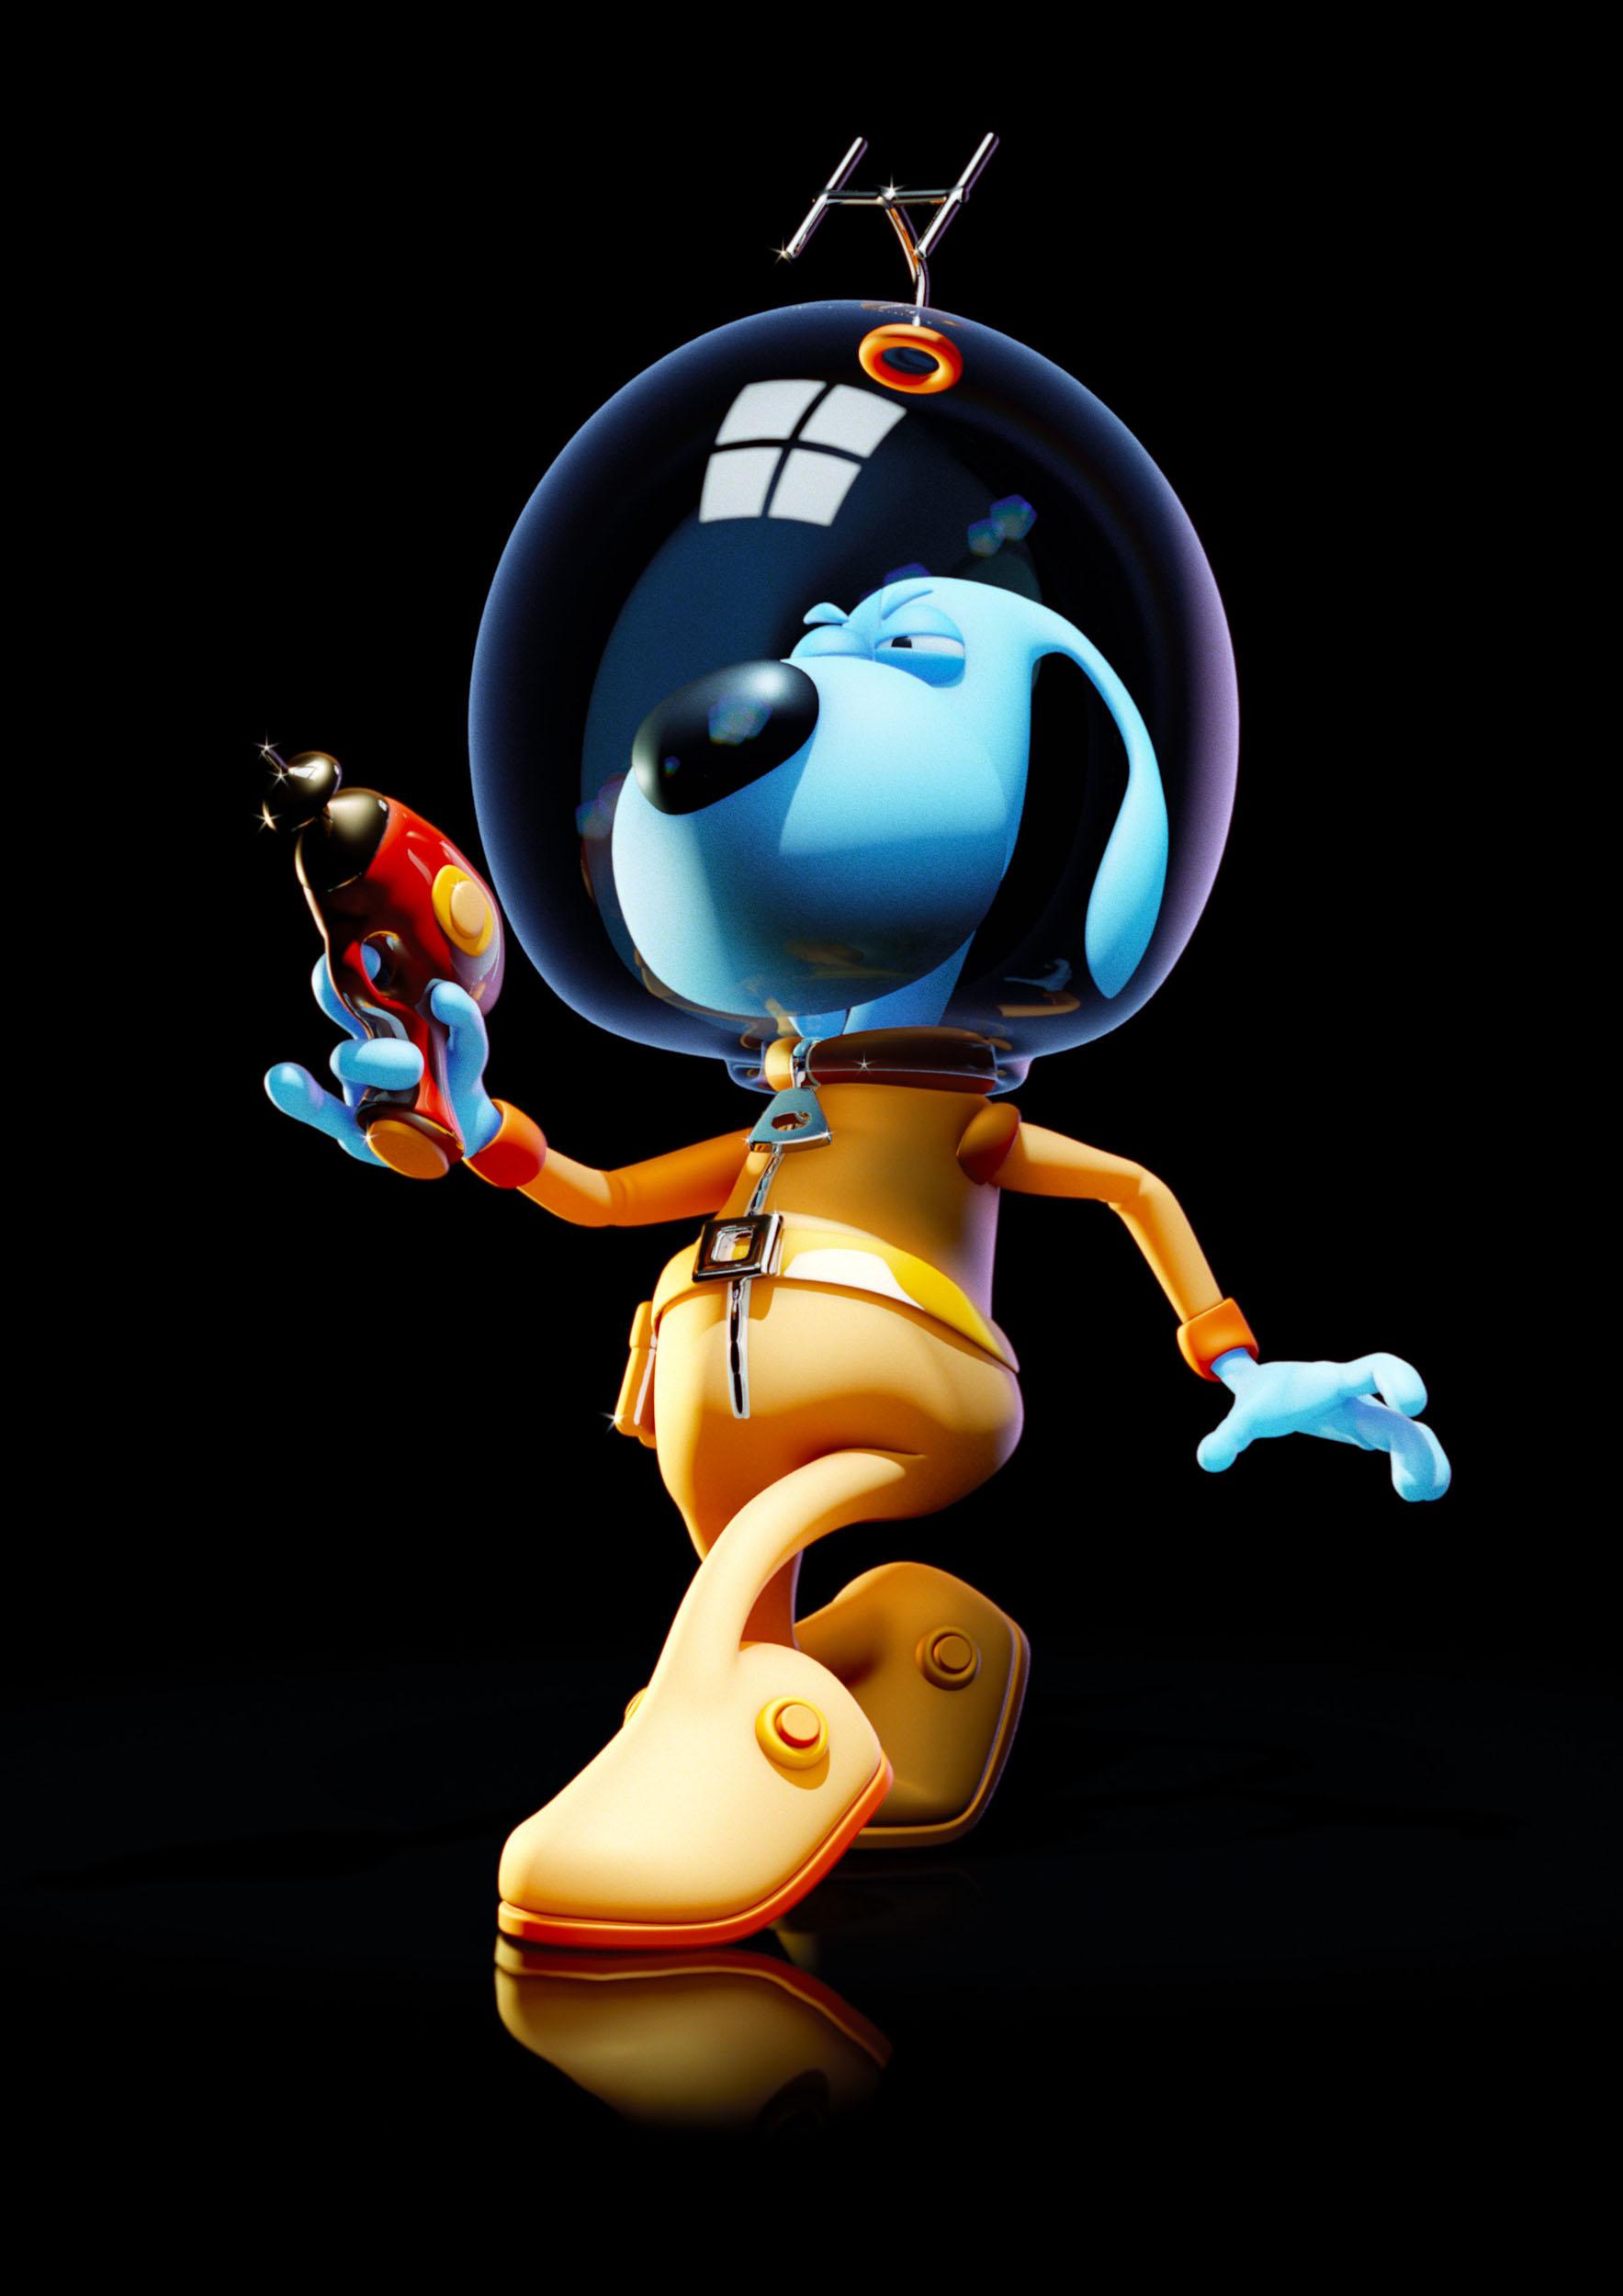 BOOM_CGI_CHARACTER_spacedog.jpg